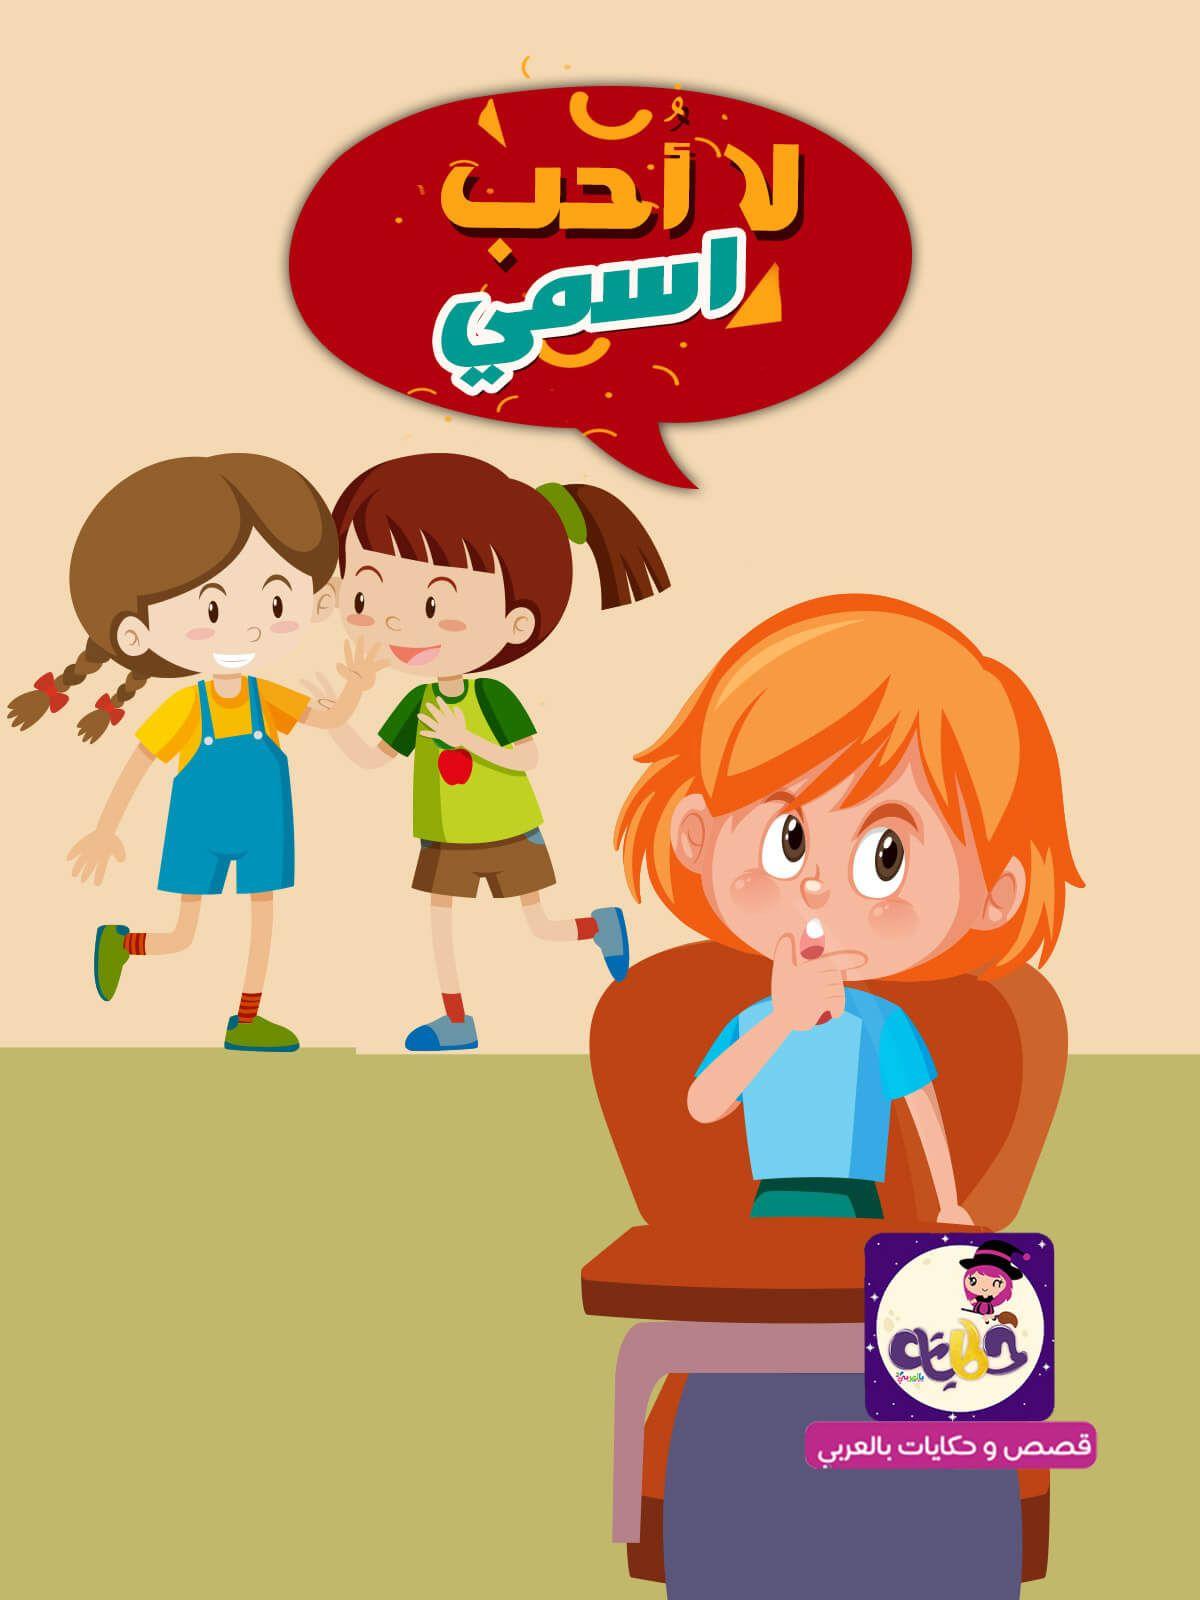 قصة عن التنمر اللفظي للاطفال قصة لأحب اسمي بتطبيق قصص وحكايات بالعربي Arabic Kids Stories For Kids Mario Characters